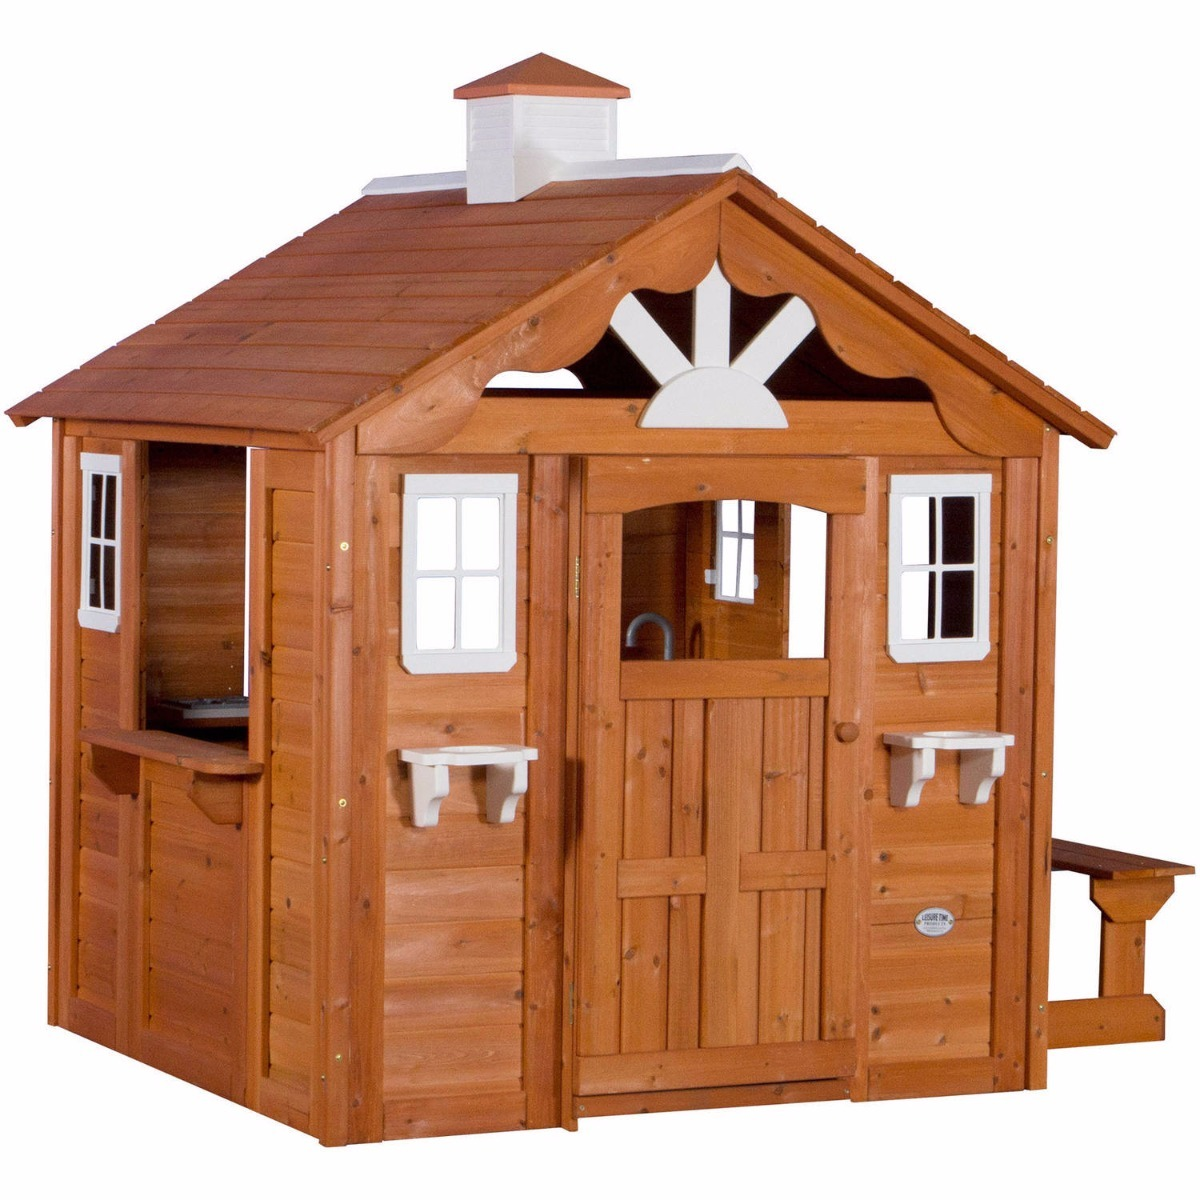 casita casa de madera para ni os exterior summer cocinita